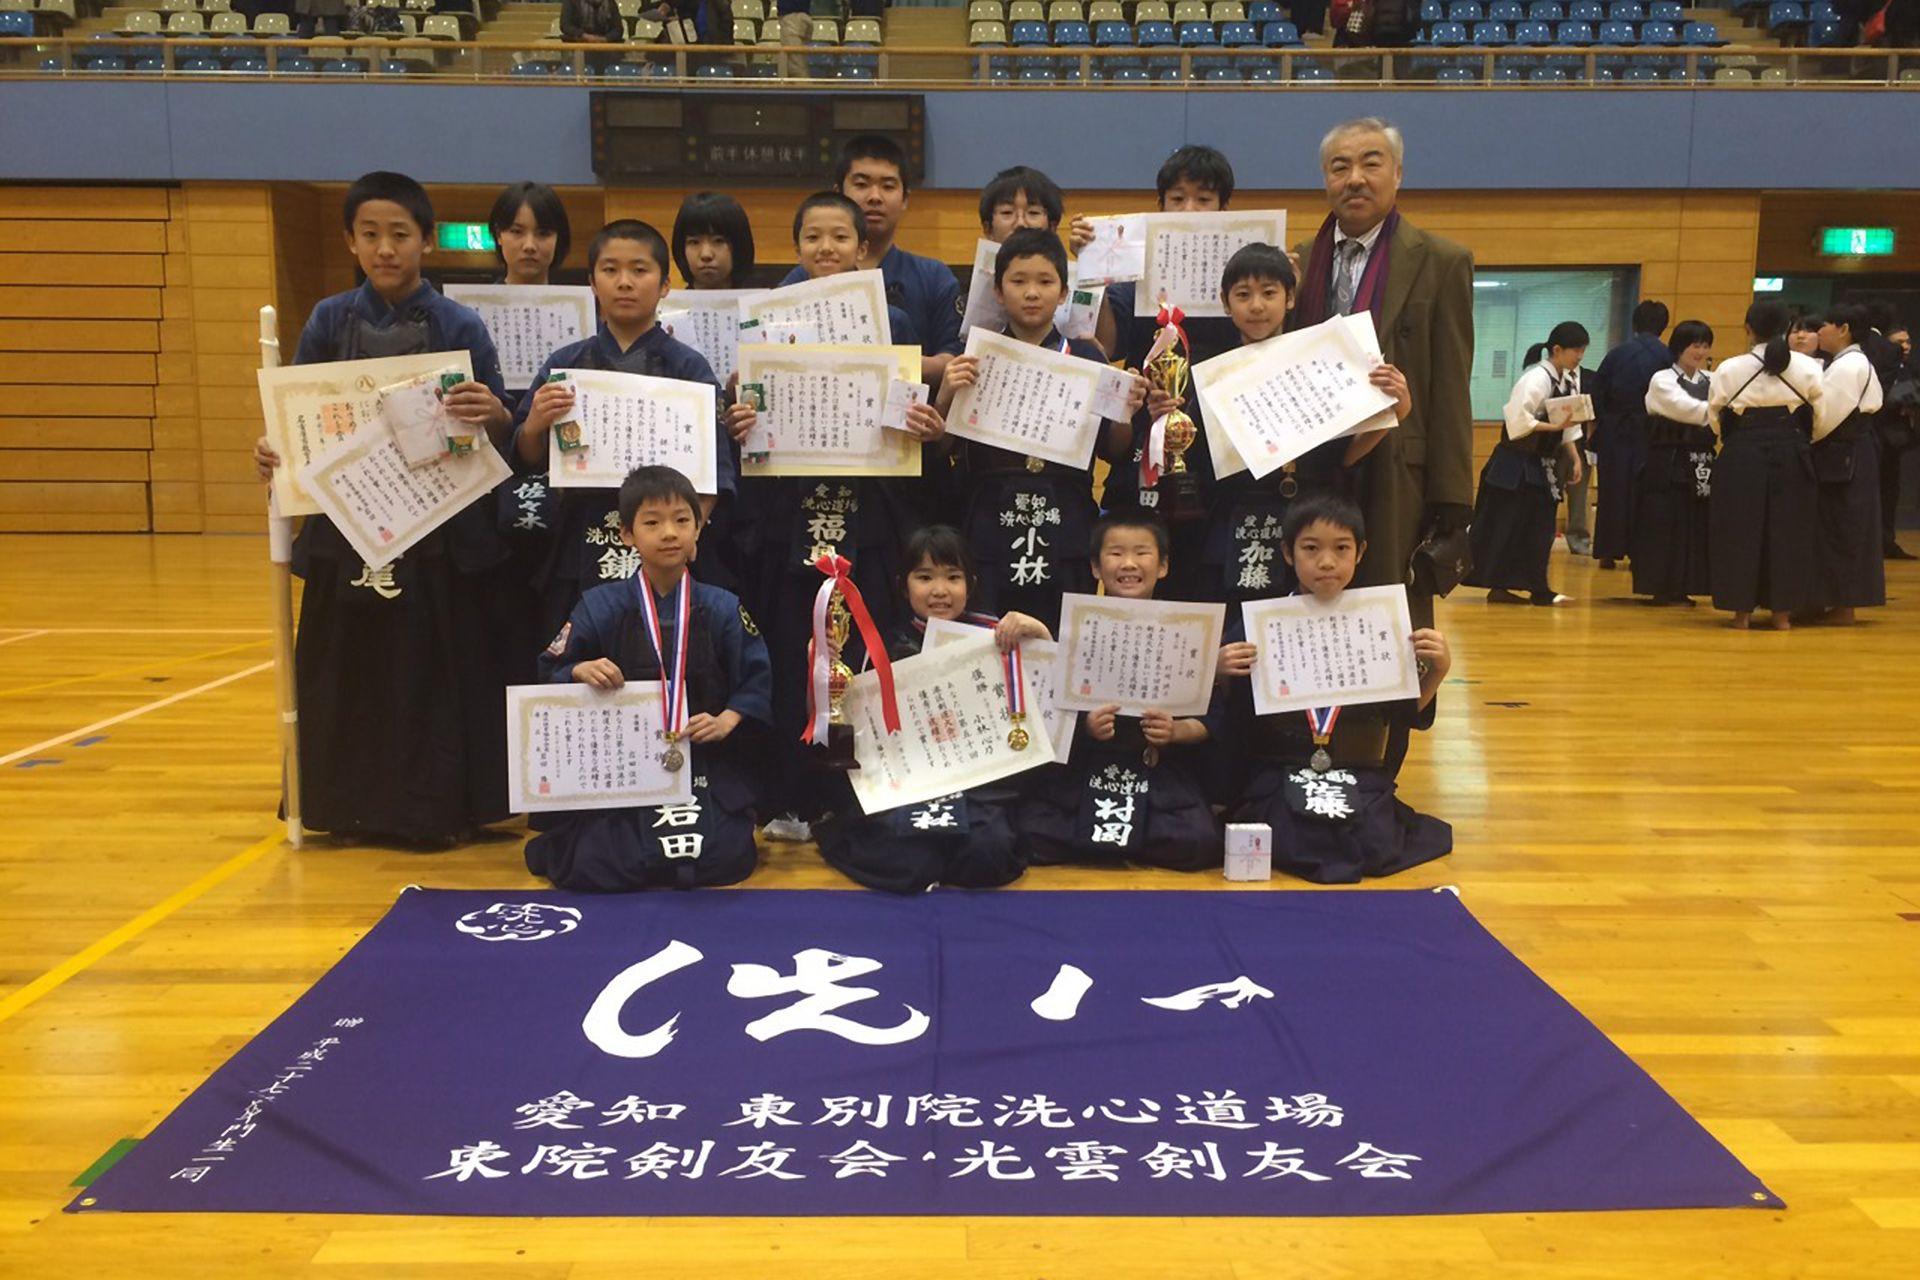 第50回港区剣道大会